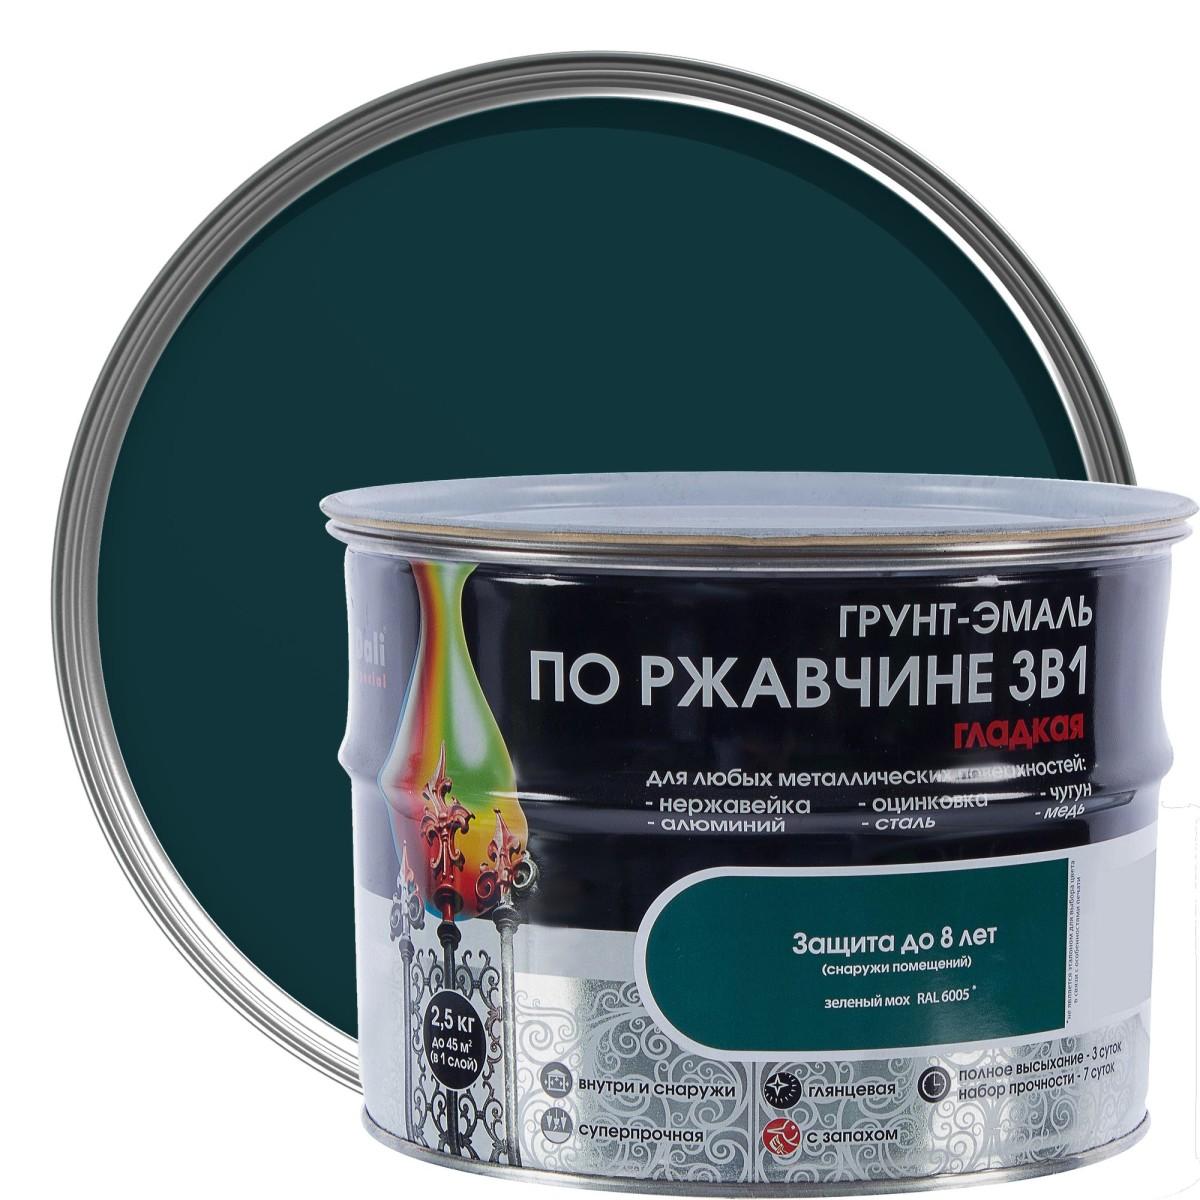 Грунт эмаль по ржавчине 3 в 1 гладкая Dali Special цвет зеленый мох 2.5 кг